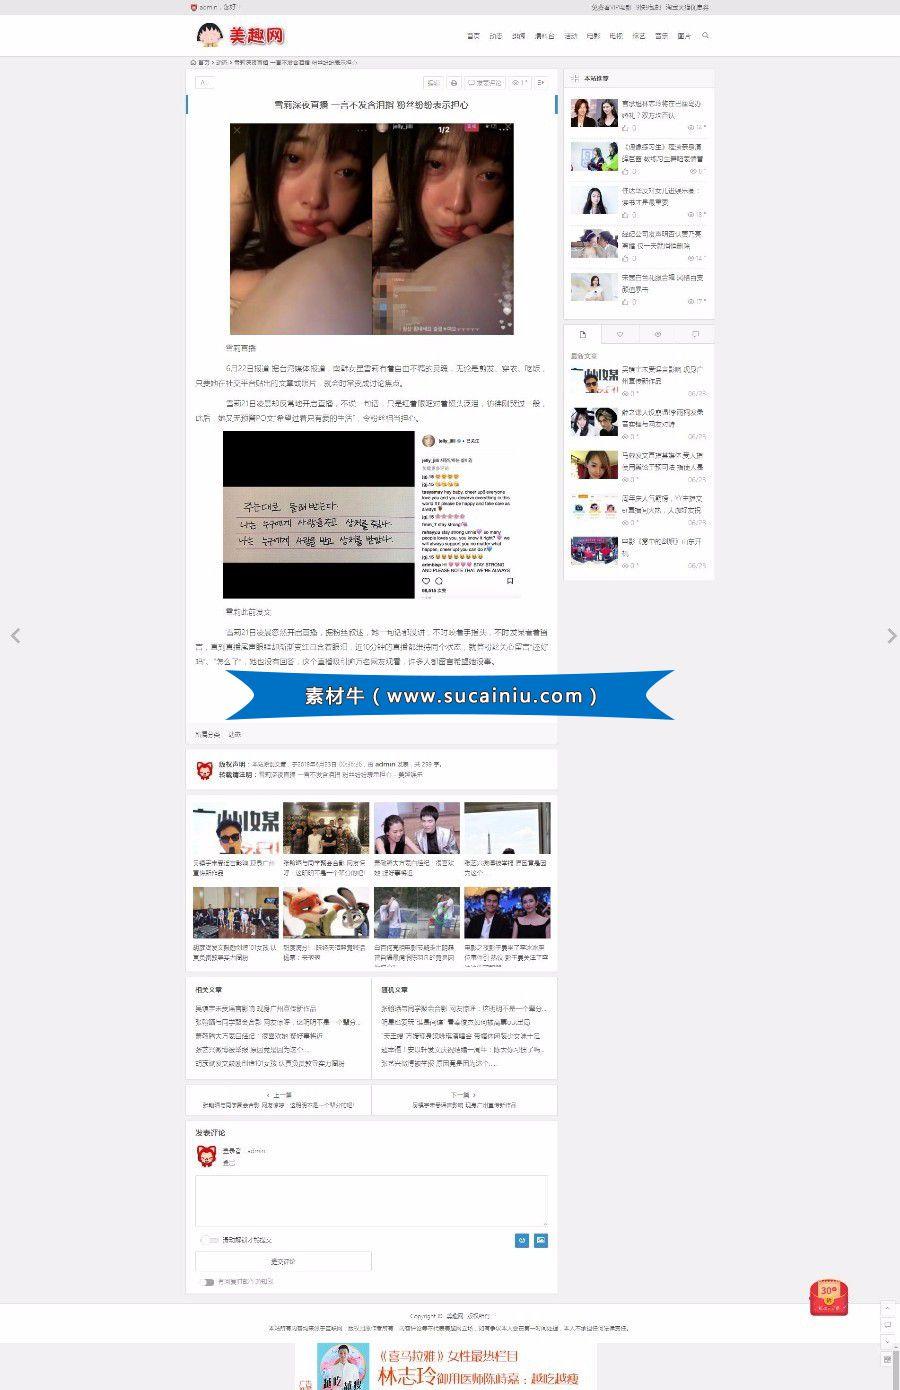 【整站亲测+手机端】明星娱乐资讯无人值守采集 明星网 娱乐新闻网 明星八卦资讯 花边新闻